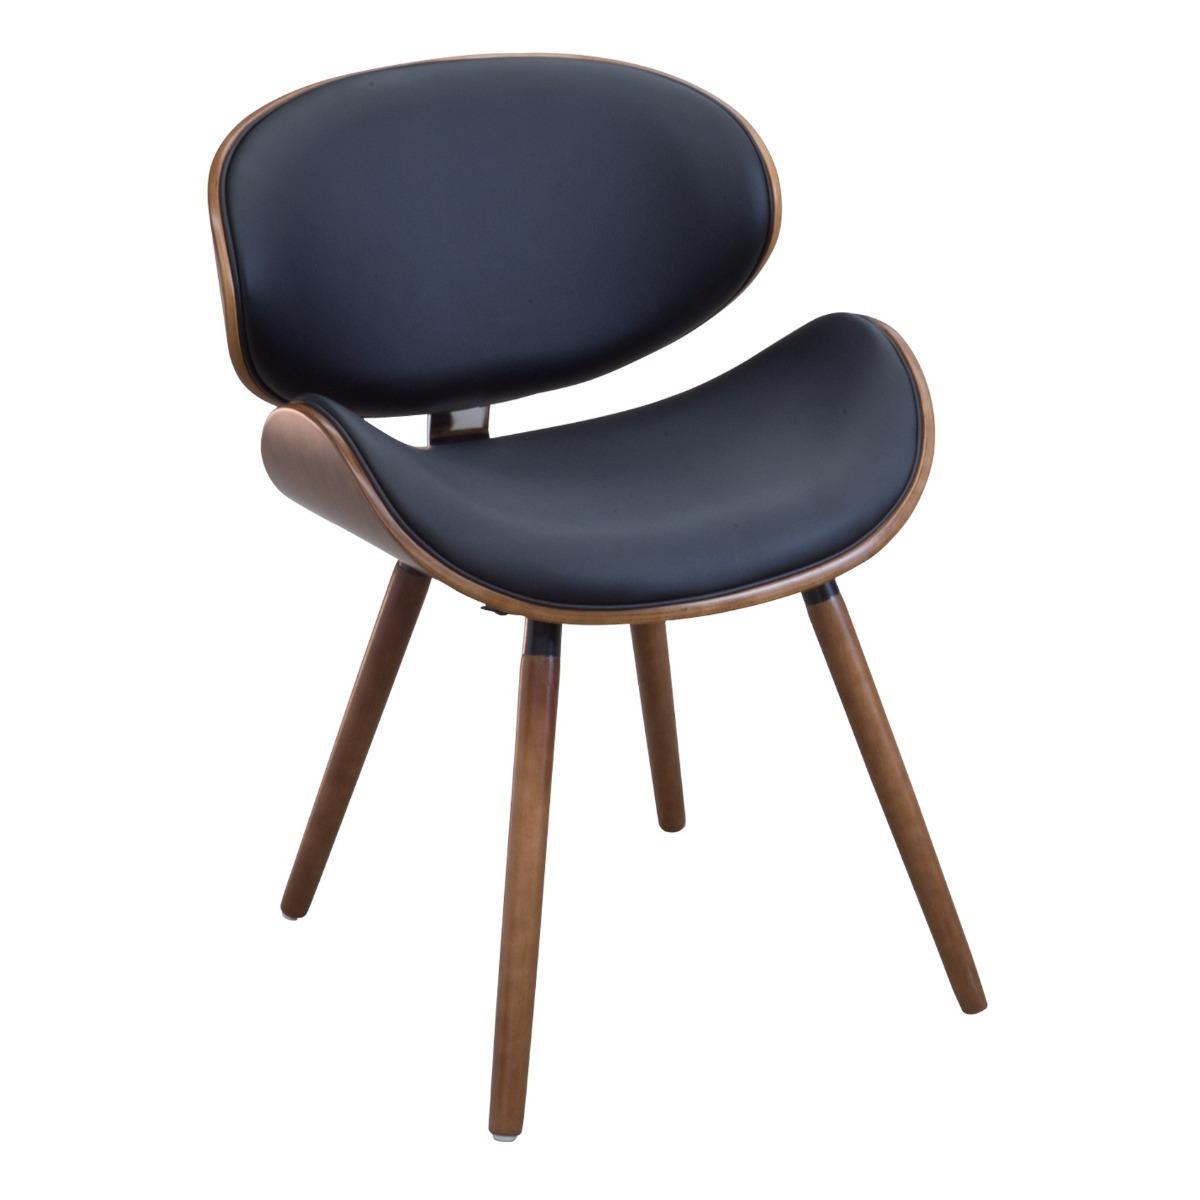 Silla para comedor modernas sillas contempor neas comedor for Sillas comedor tifon